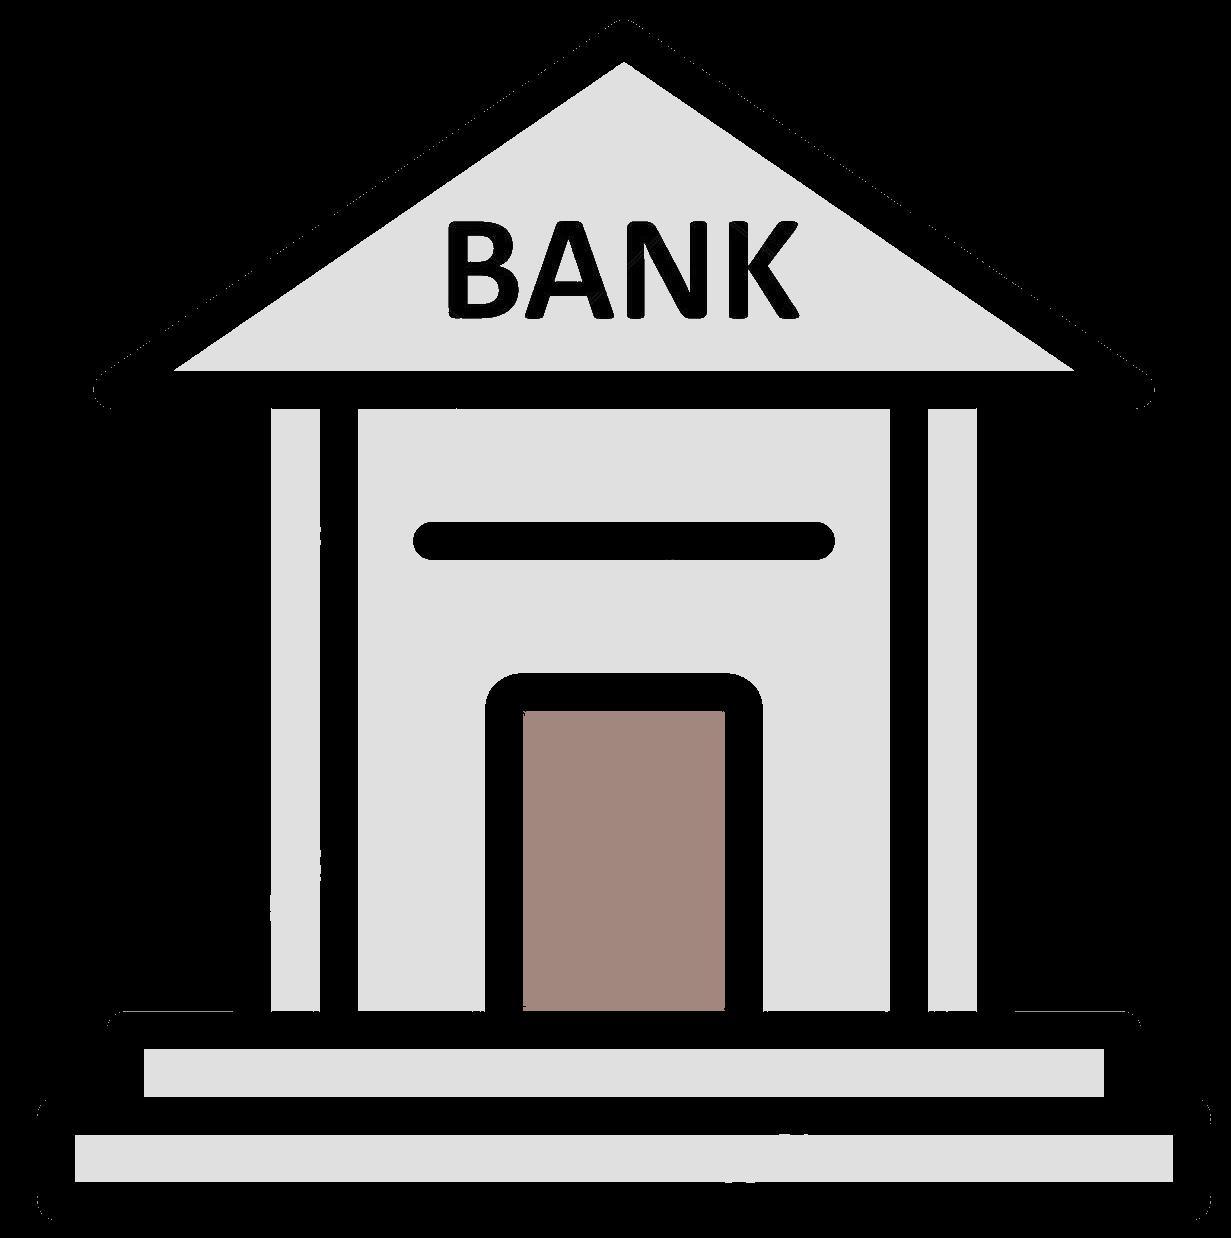 存下来的钱放进银行或定期存款,只领很低的利息